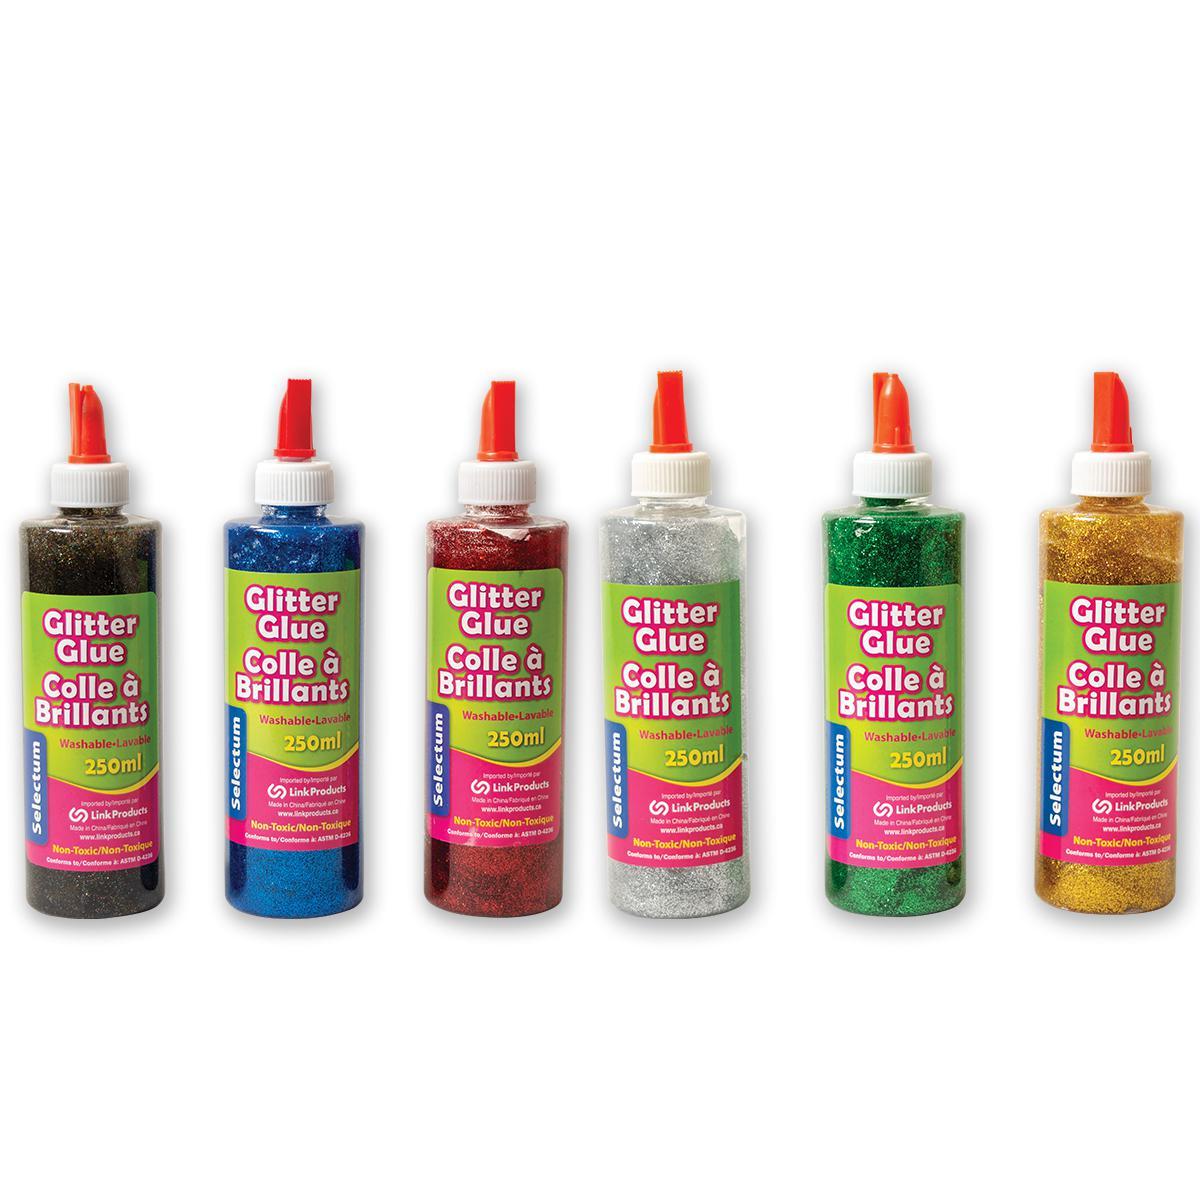 Glitter Glue 6-Pack